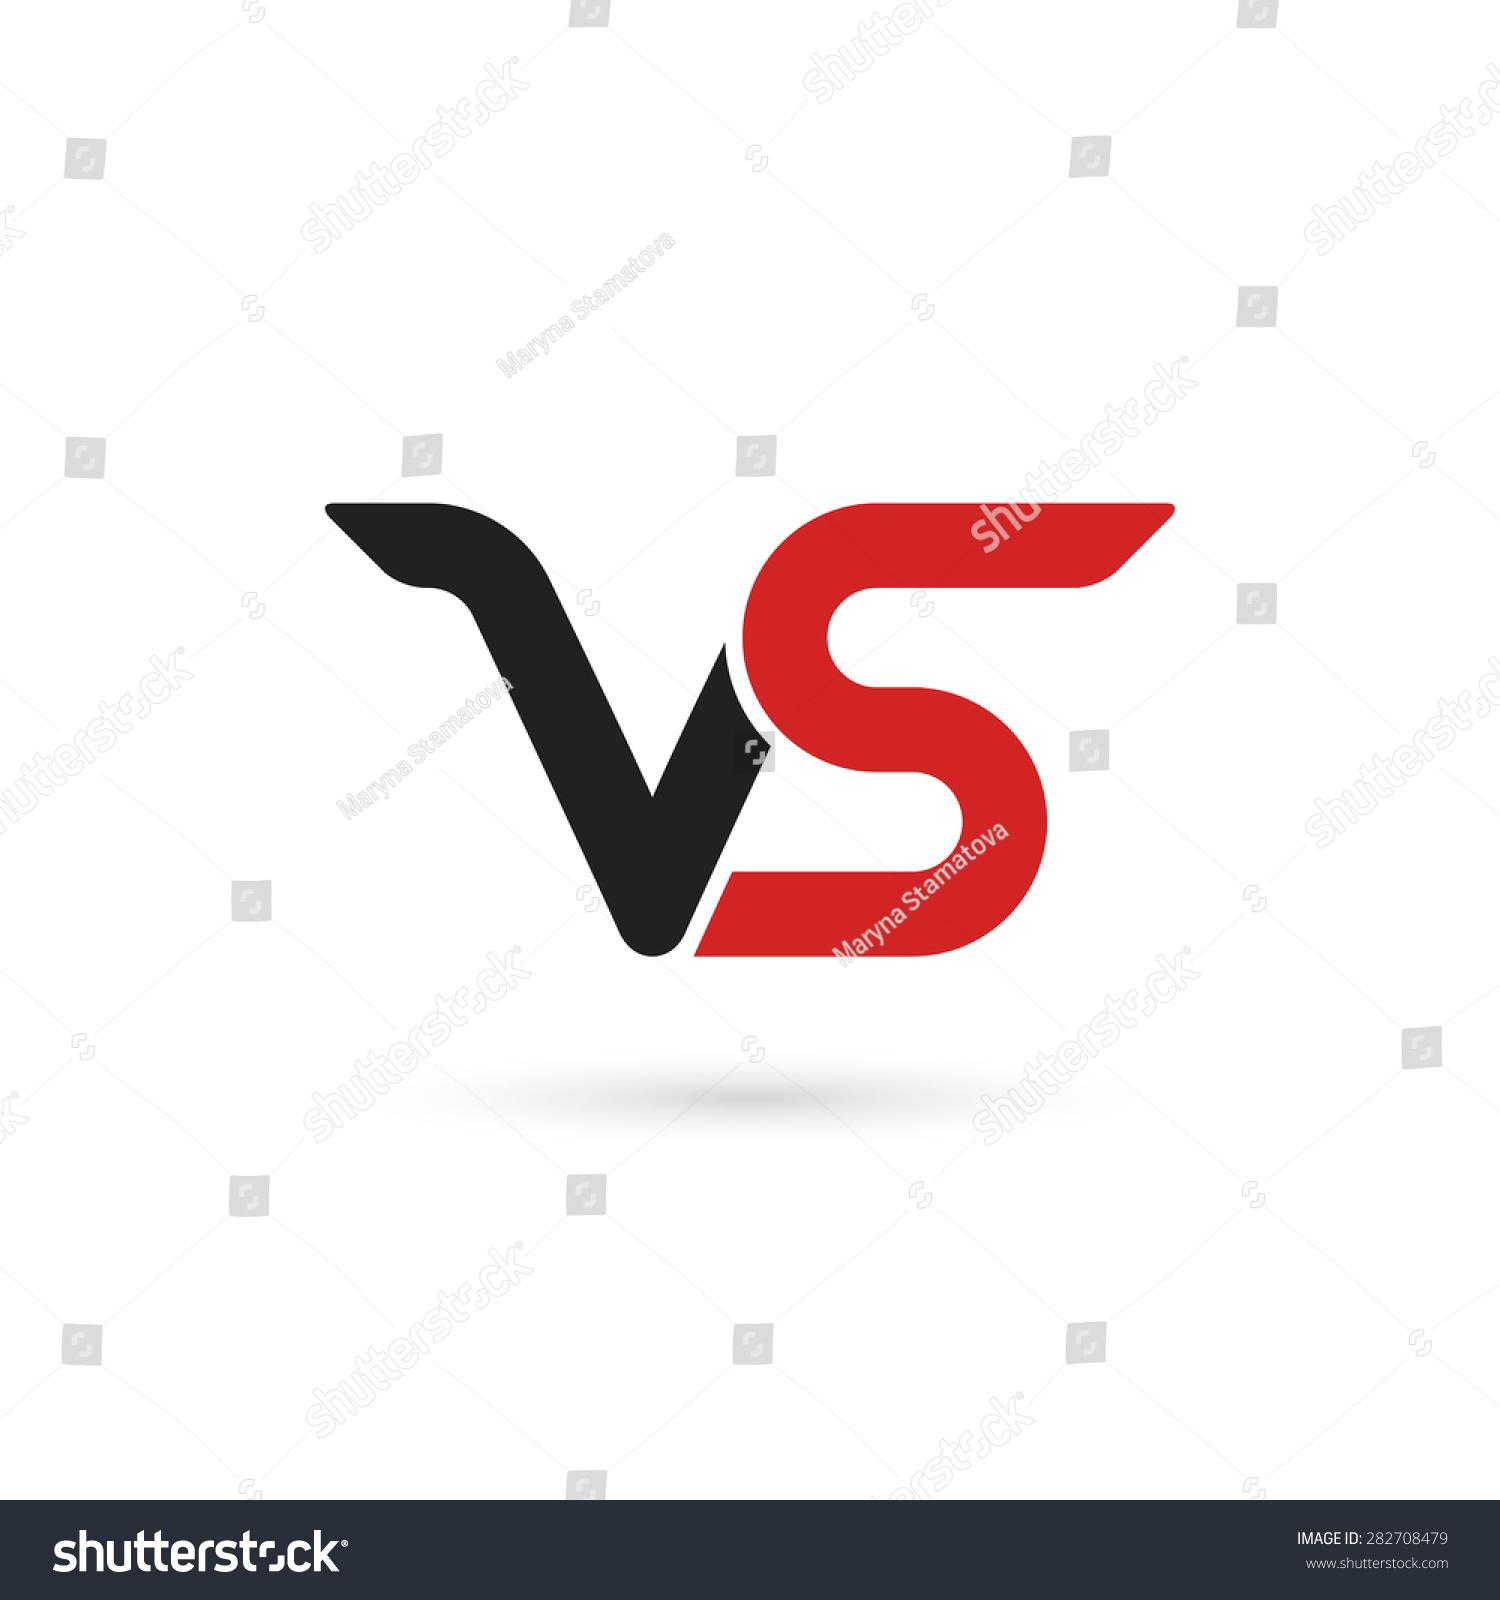 versus letters logo letters v s stock vector 282708479 shutterstock. Black Bedroom Furniture Sets. Home Design Ideas